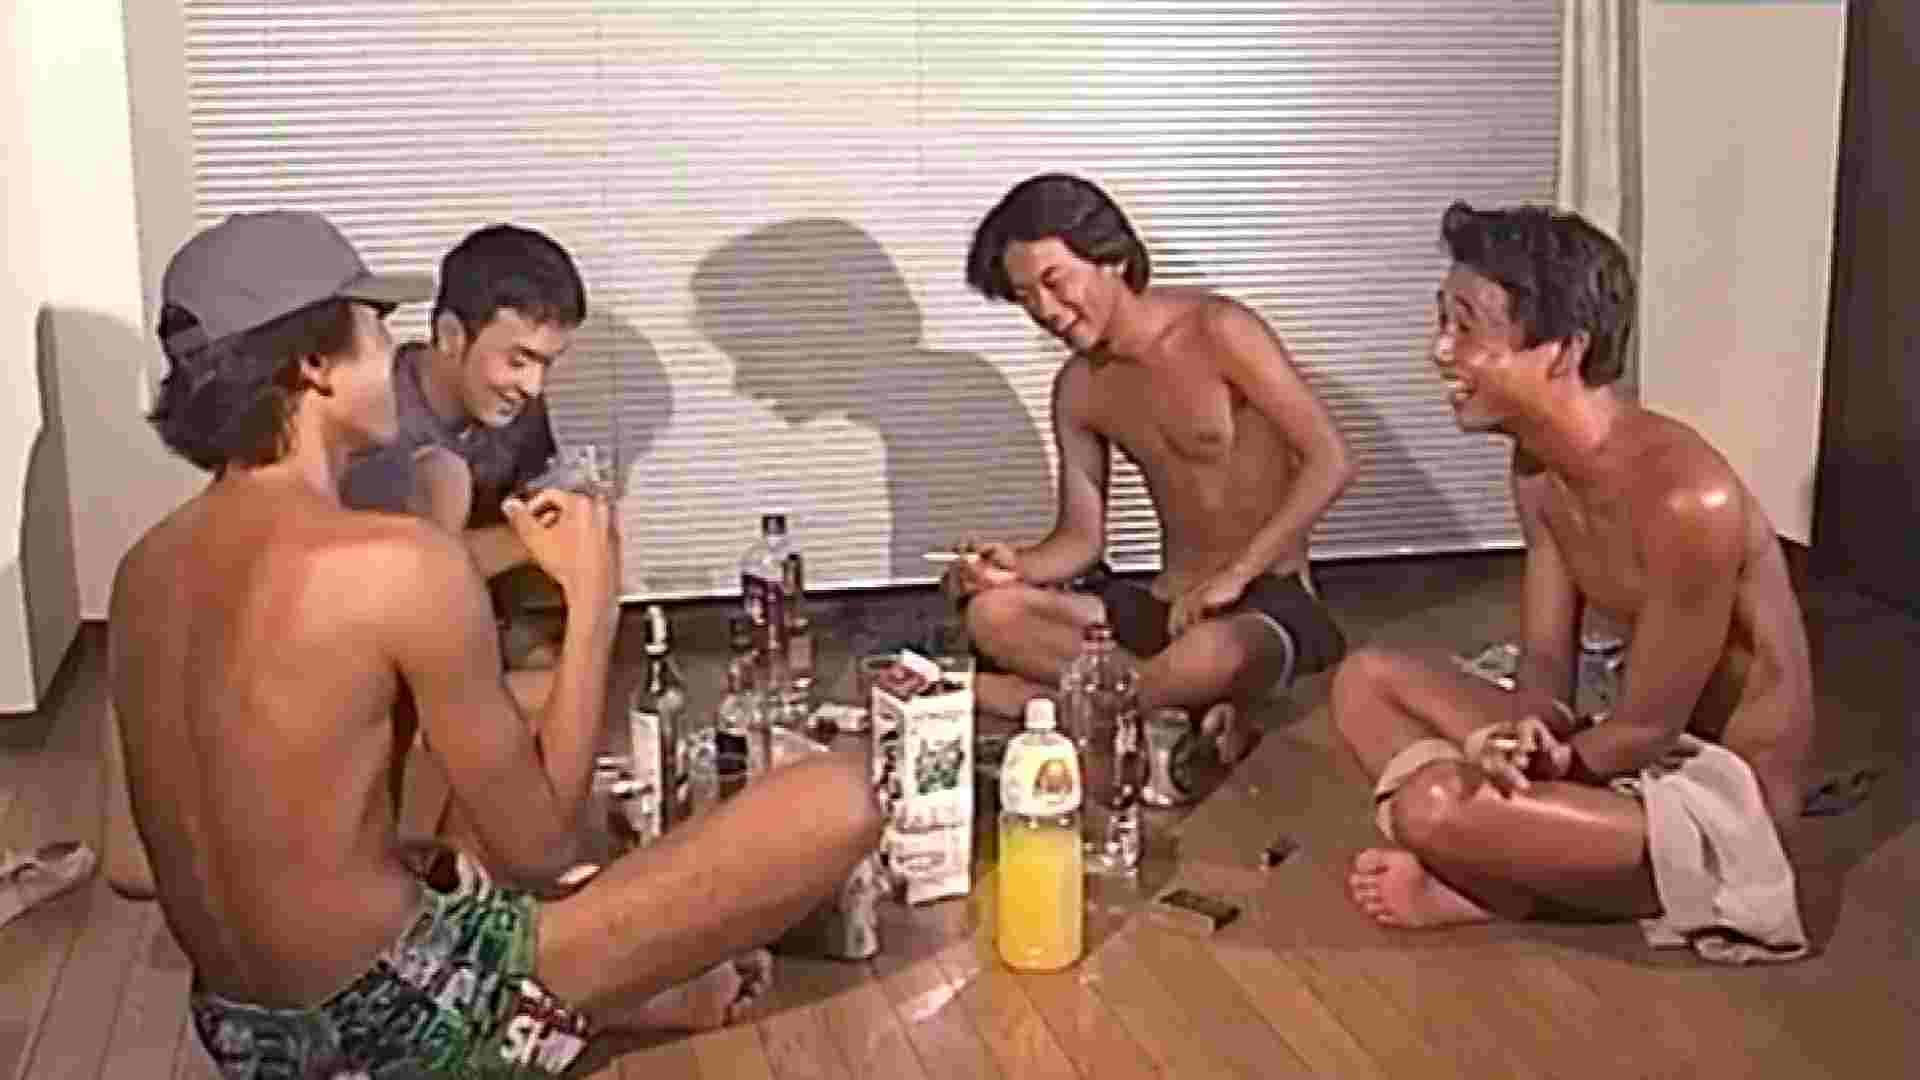 イケイケMEN'SCLUB vol.23 エロすぎる映像 | 男の世界  64画像 25